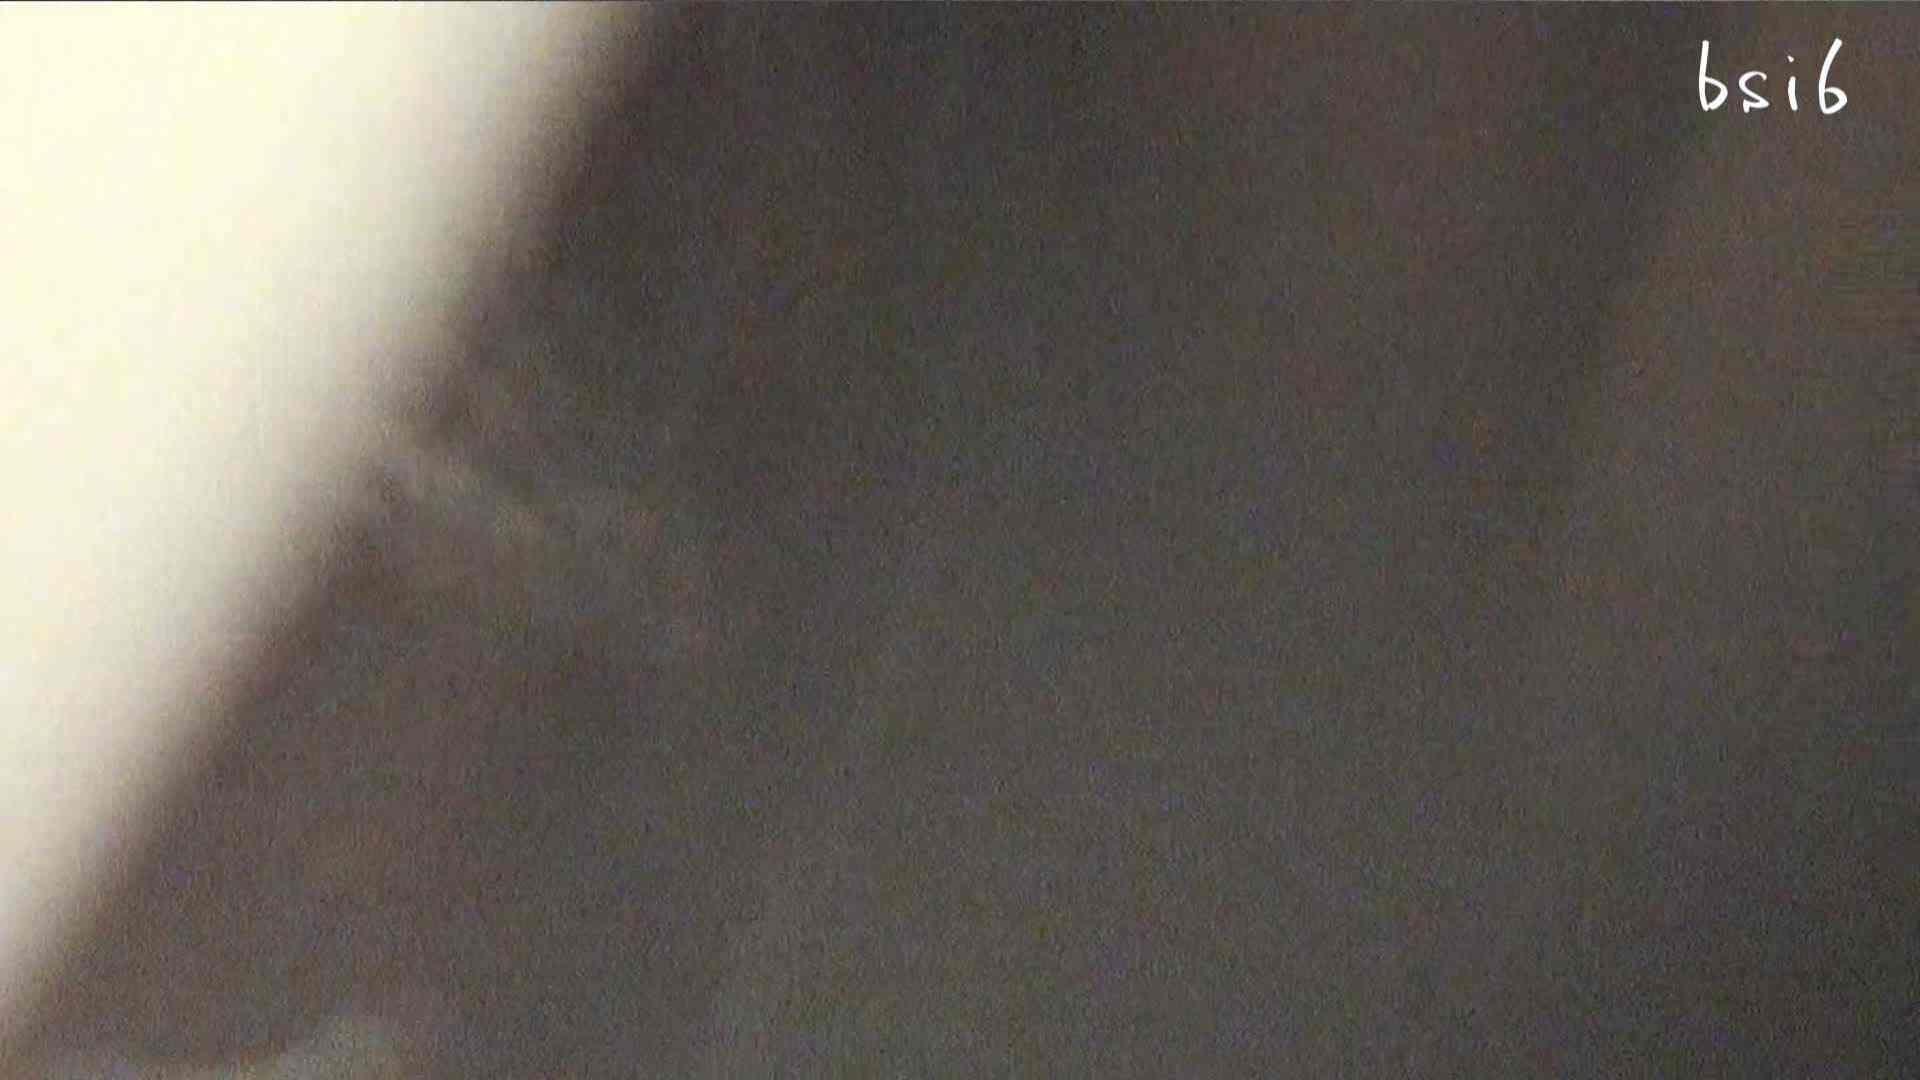 至高下半身盗撮-PREMIUM-【院内病棟編 】 vol.06 洗面所 | 盗撮  40pic 11